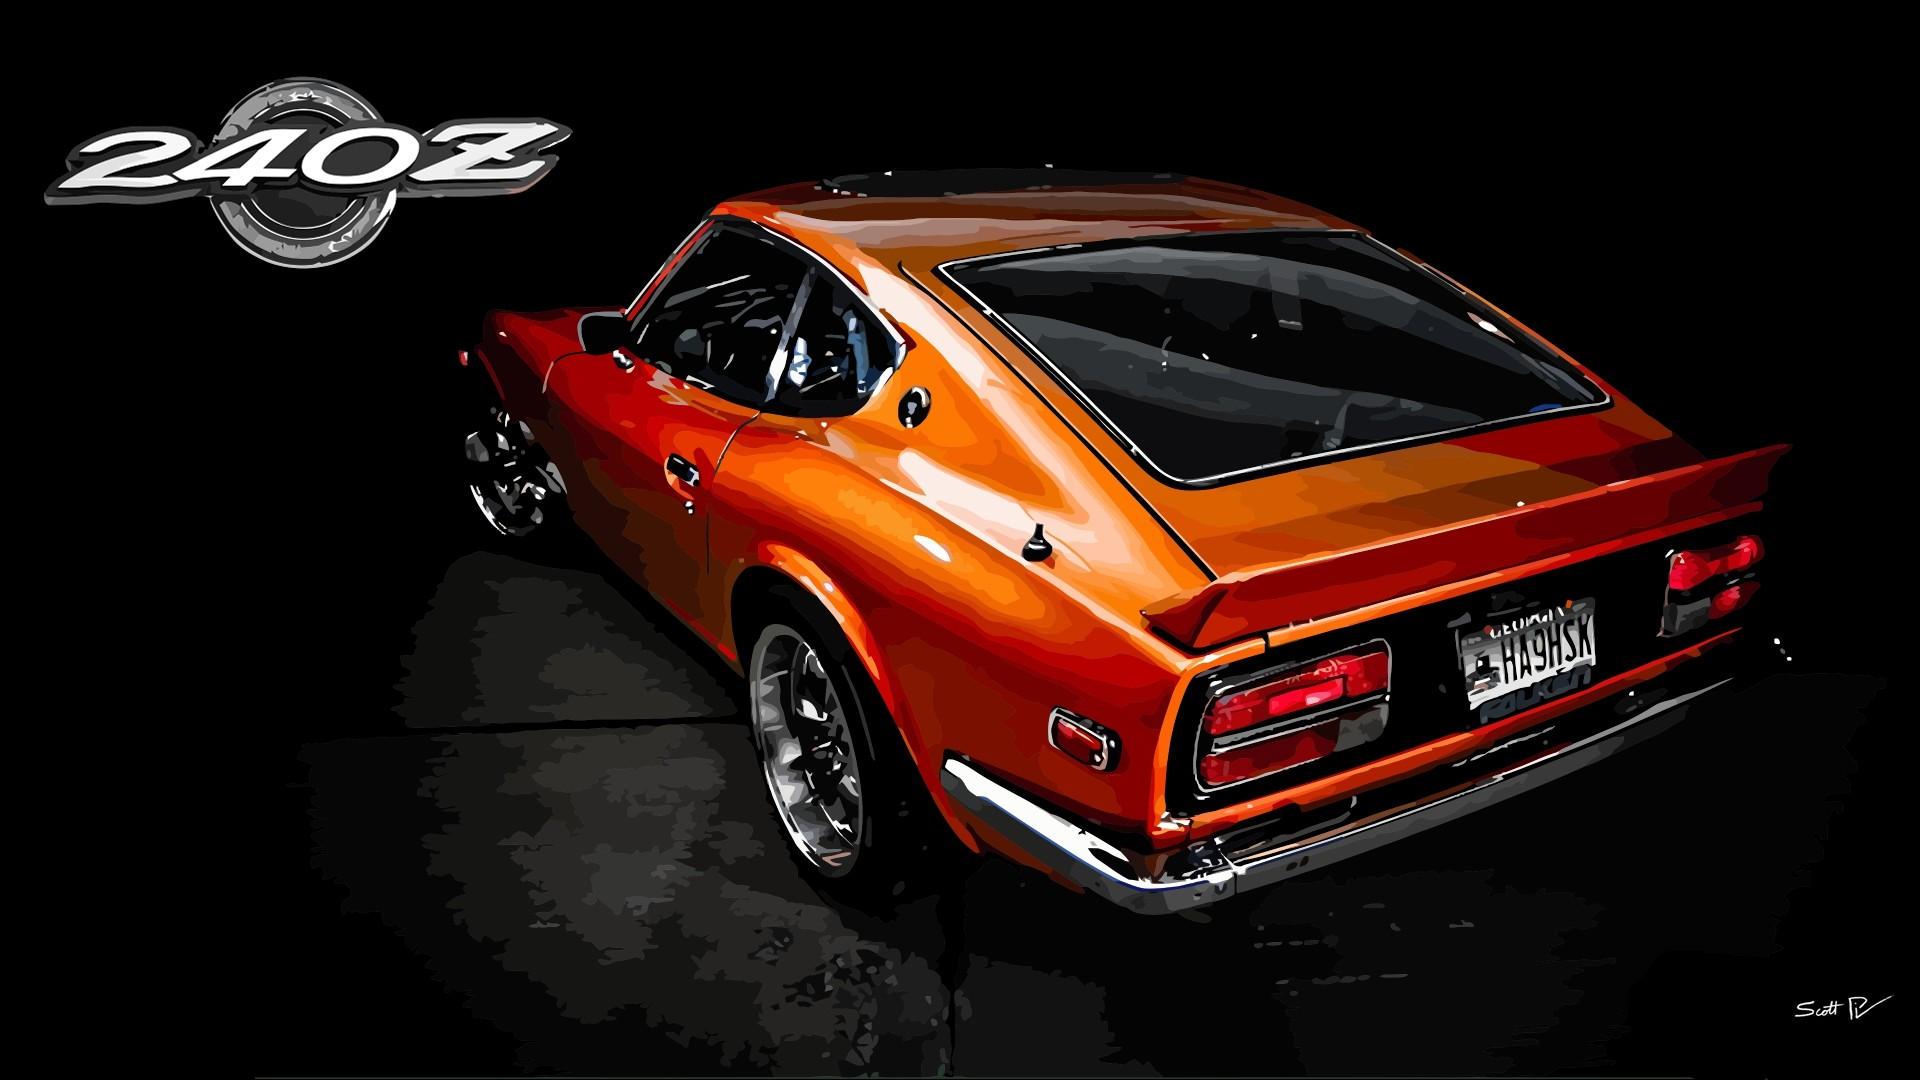 Datsun 240z Hd Desktop Background HD wallpapers